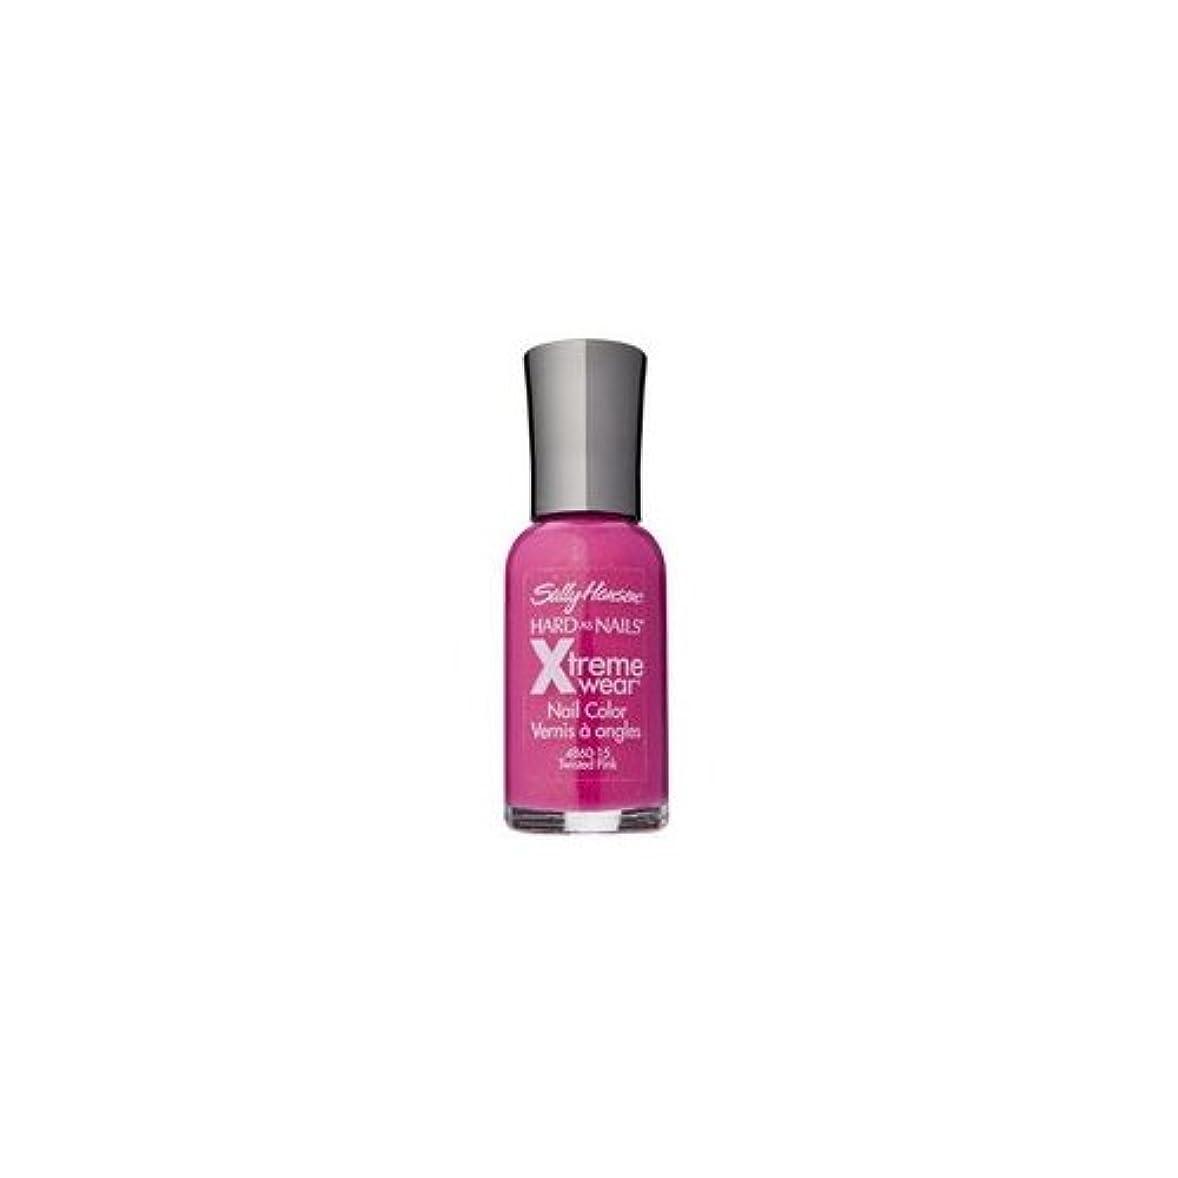 散文キャリア刑務所(6 Pack) SALLY HANSEN Hard As Nails Xtreme Wear - Twisted Pink (並行輸入品)